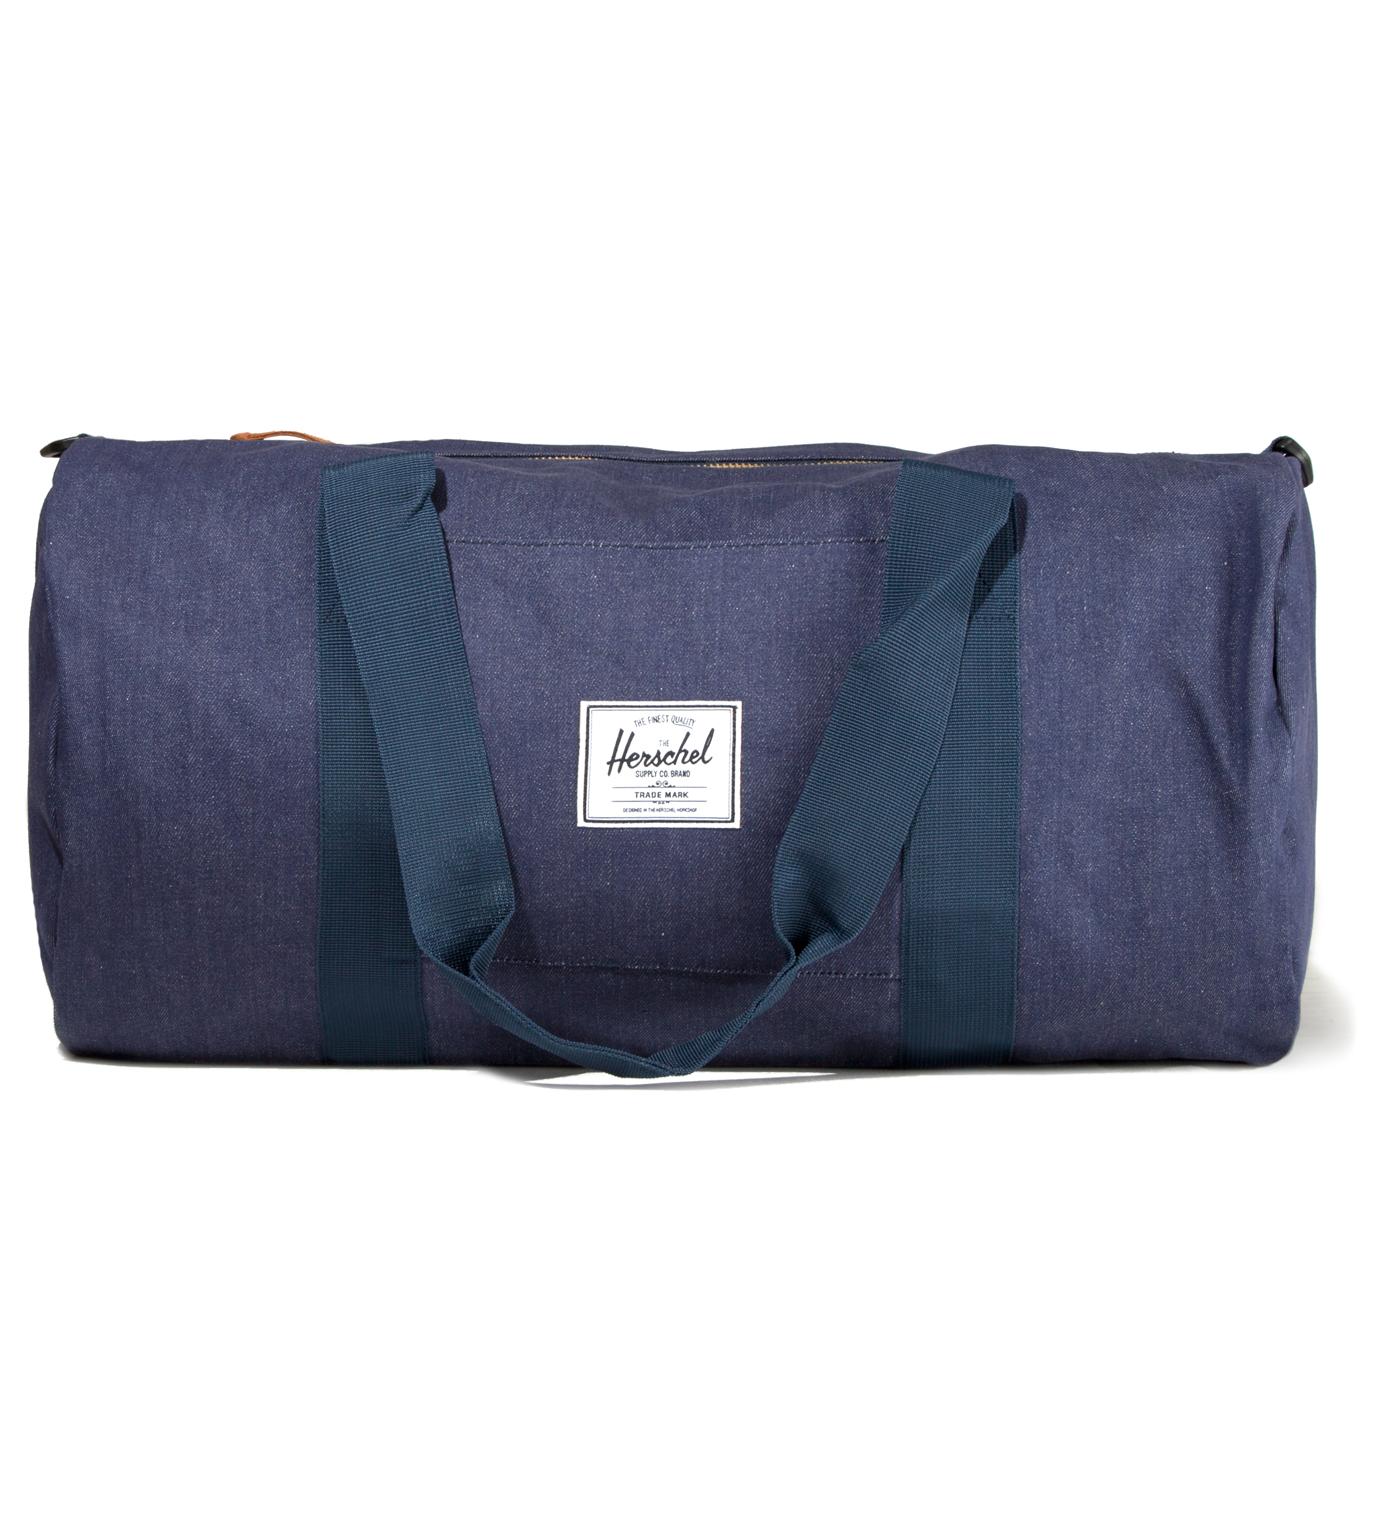 Herschel Supply Co. Dark Denim Sutton Bag